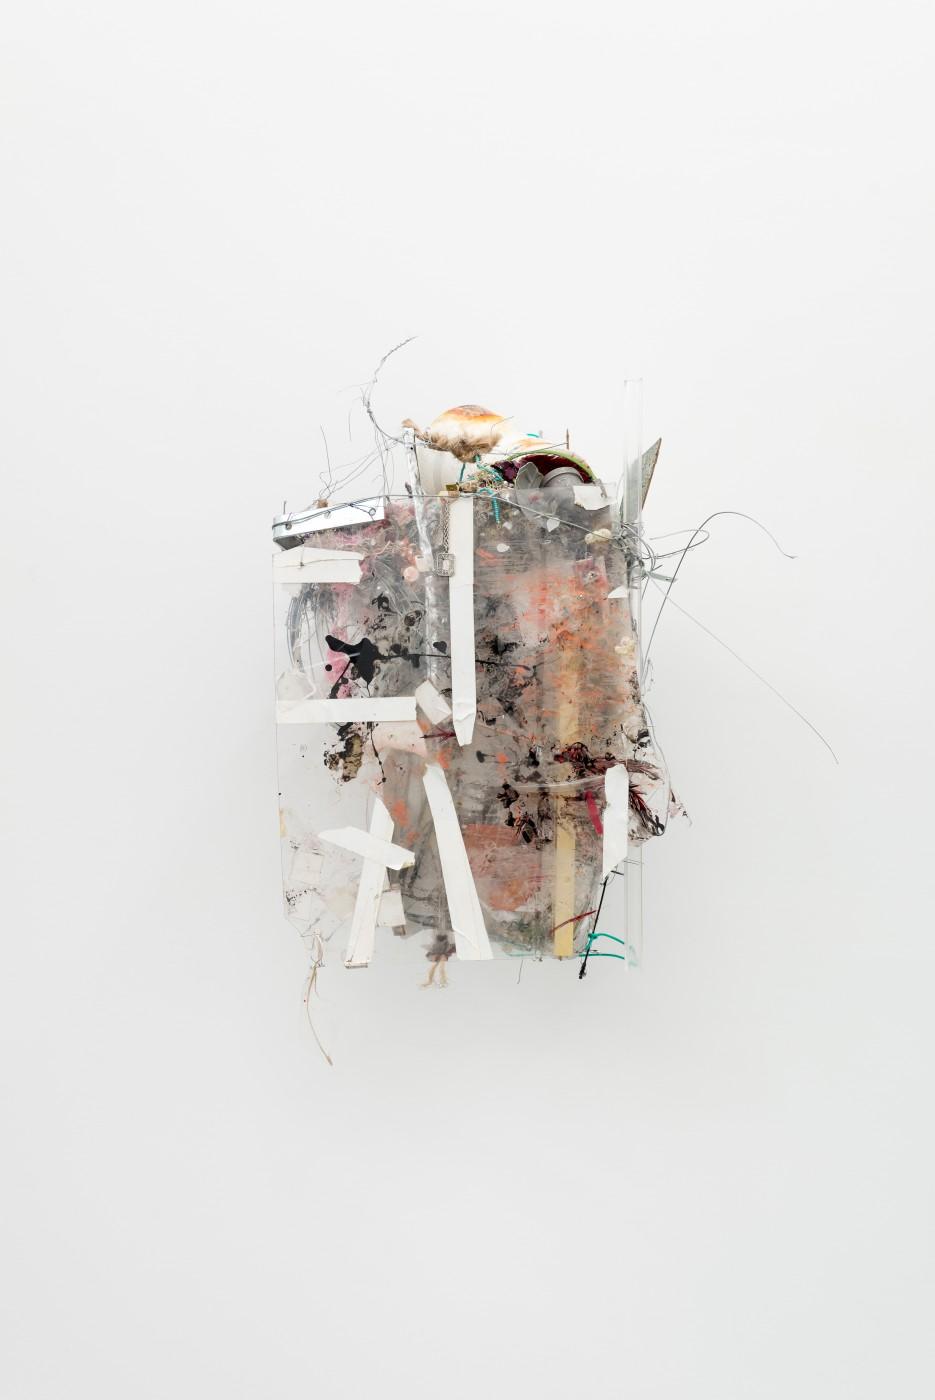 METROPOLITAN  The Student's Tale</I>, 2015 Mixed media 62 x 42 x 42 cm / 24.4 x 16.5 x 16.5 in  ROBERT BITTENBENDER